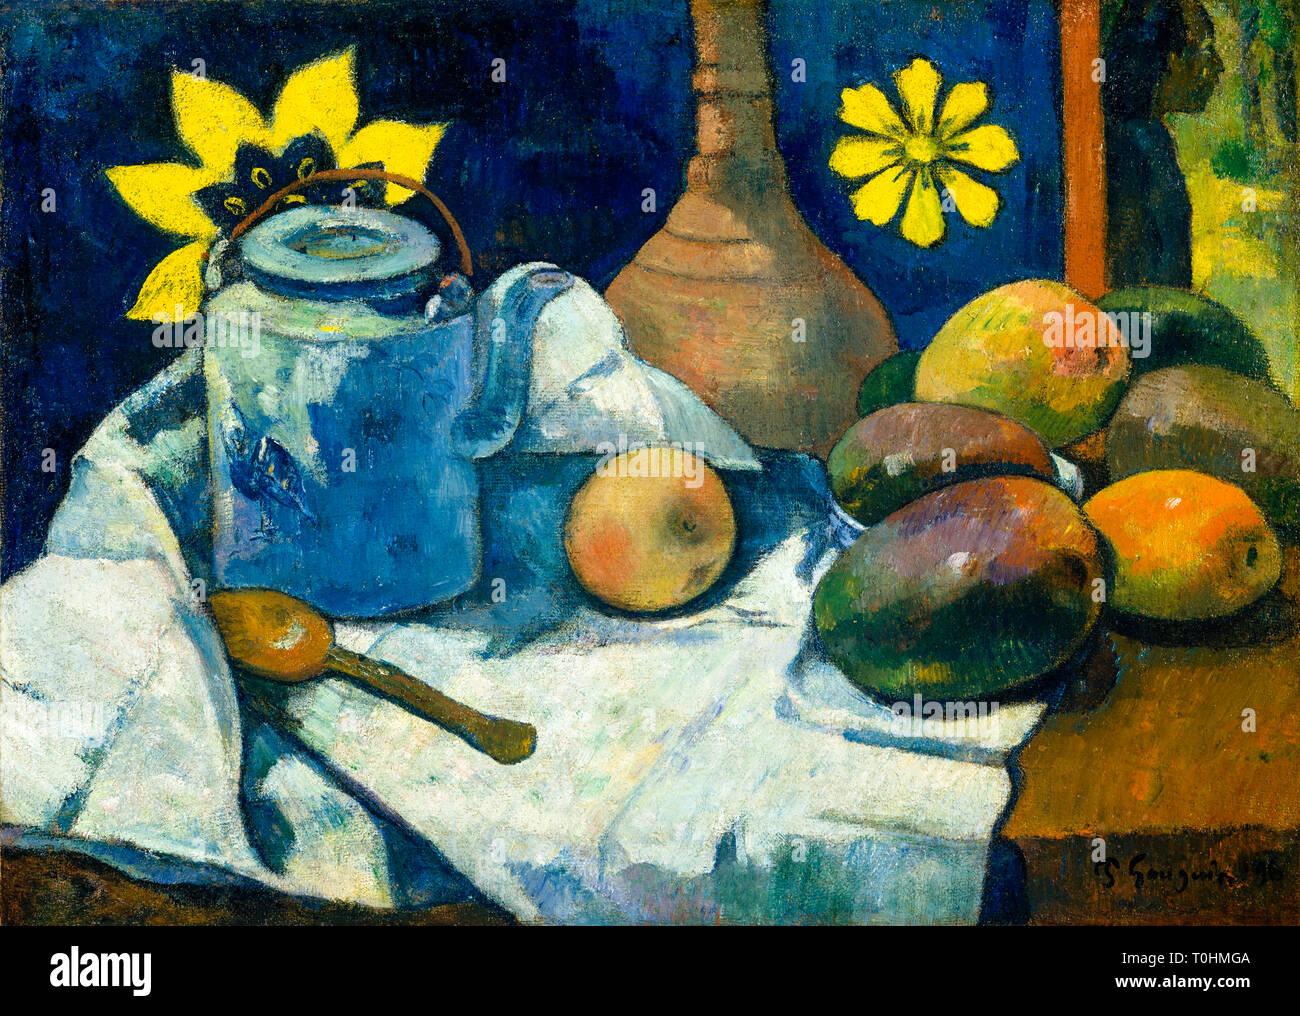 Paul Gauguin, nature morte à la théière et fruits, peinture, 1896 Photo Stock